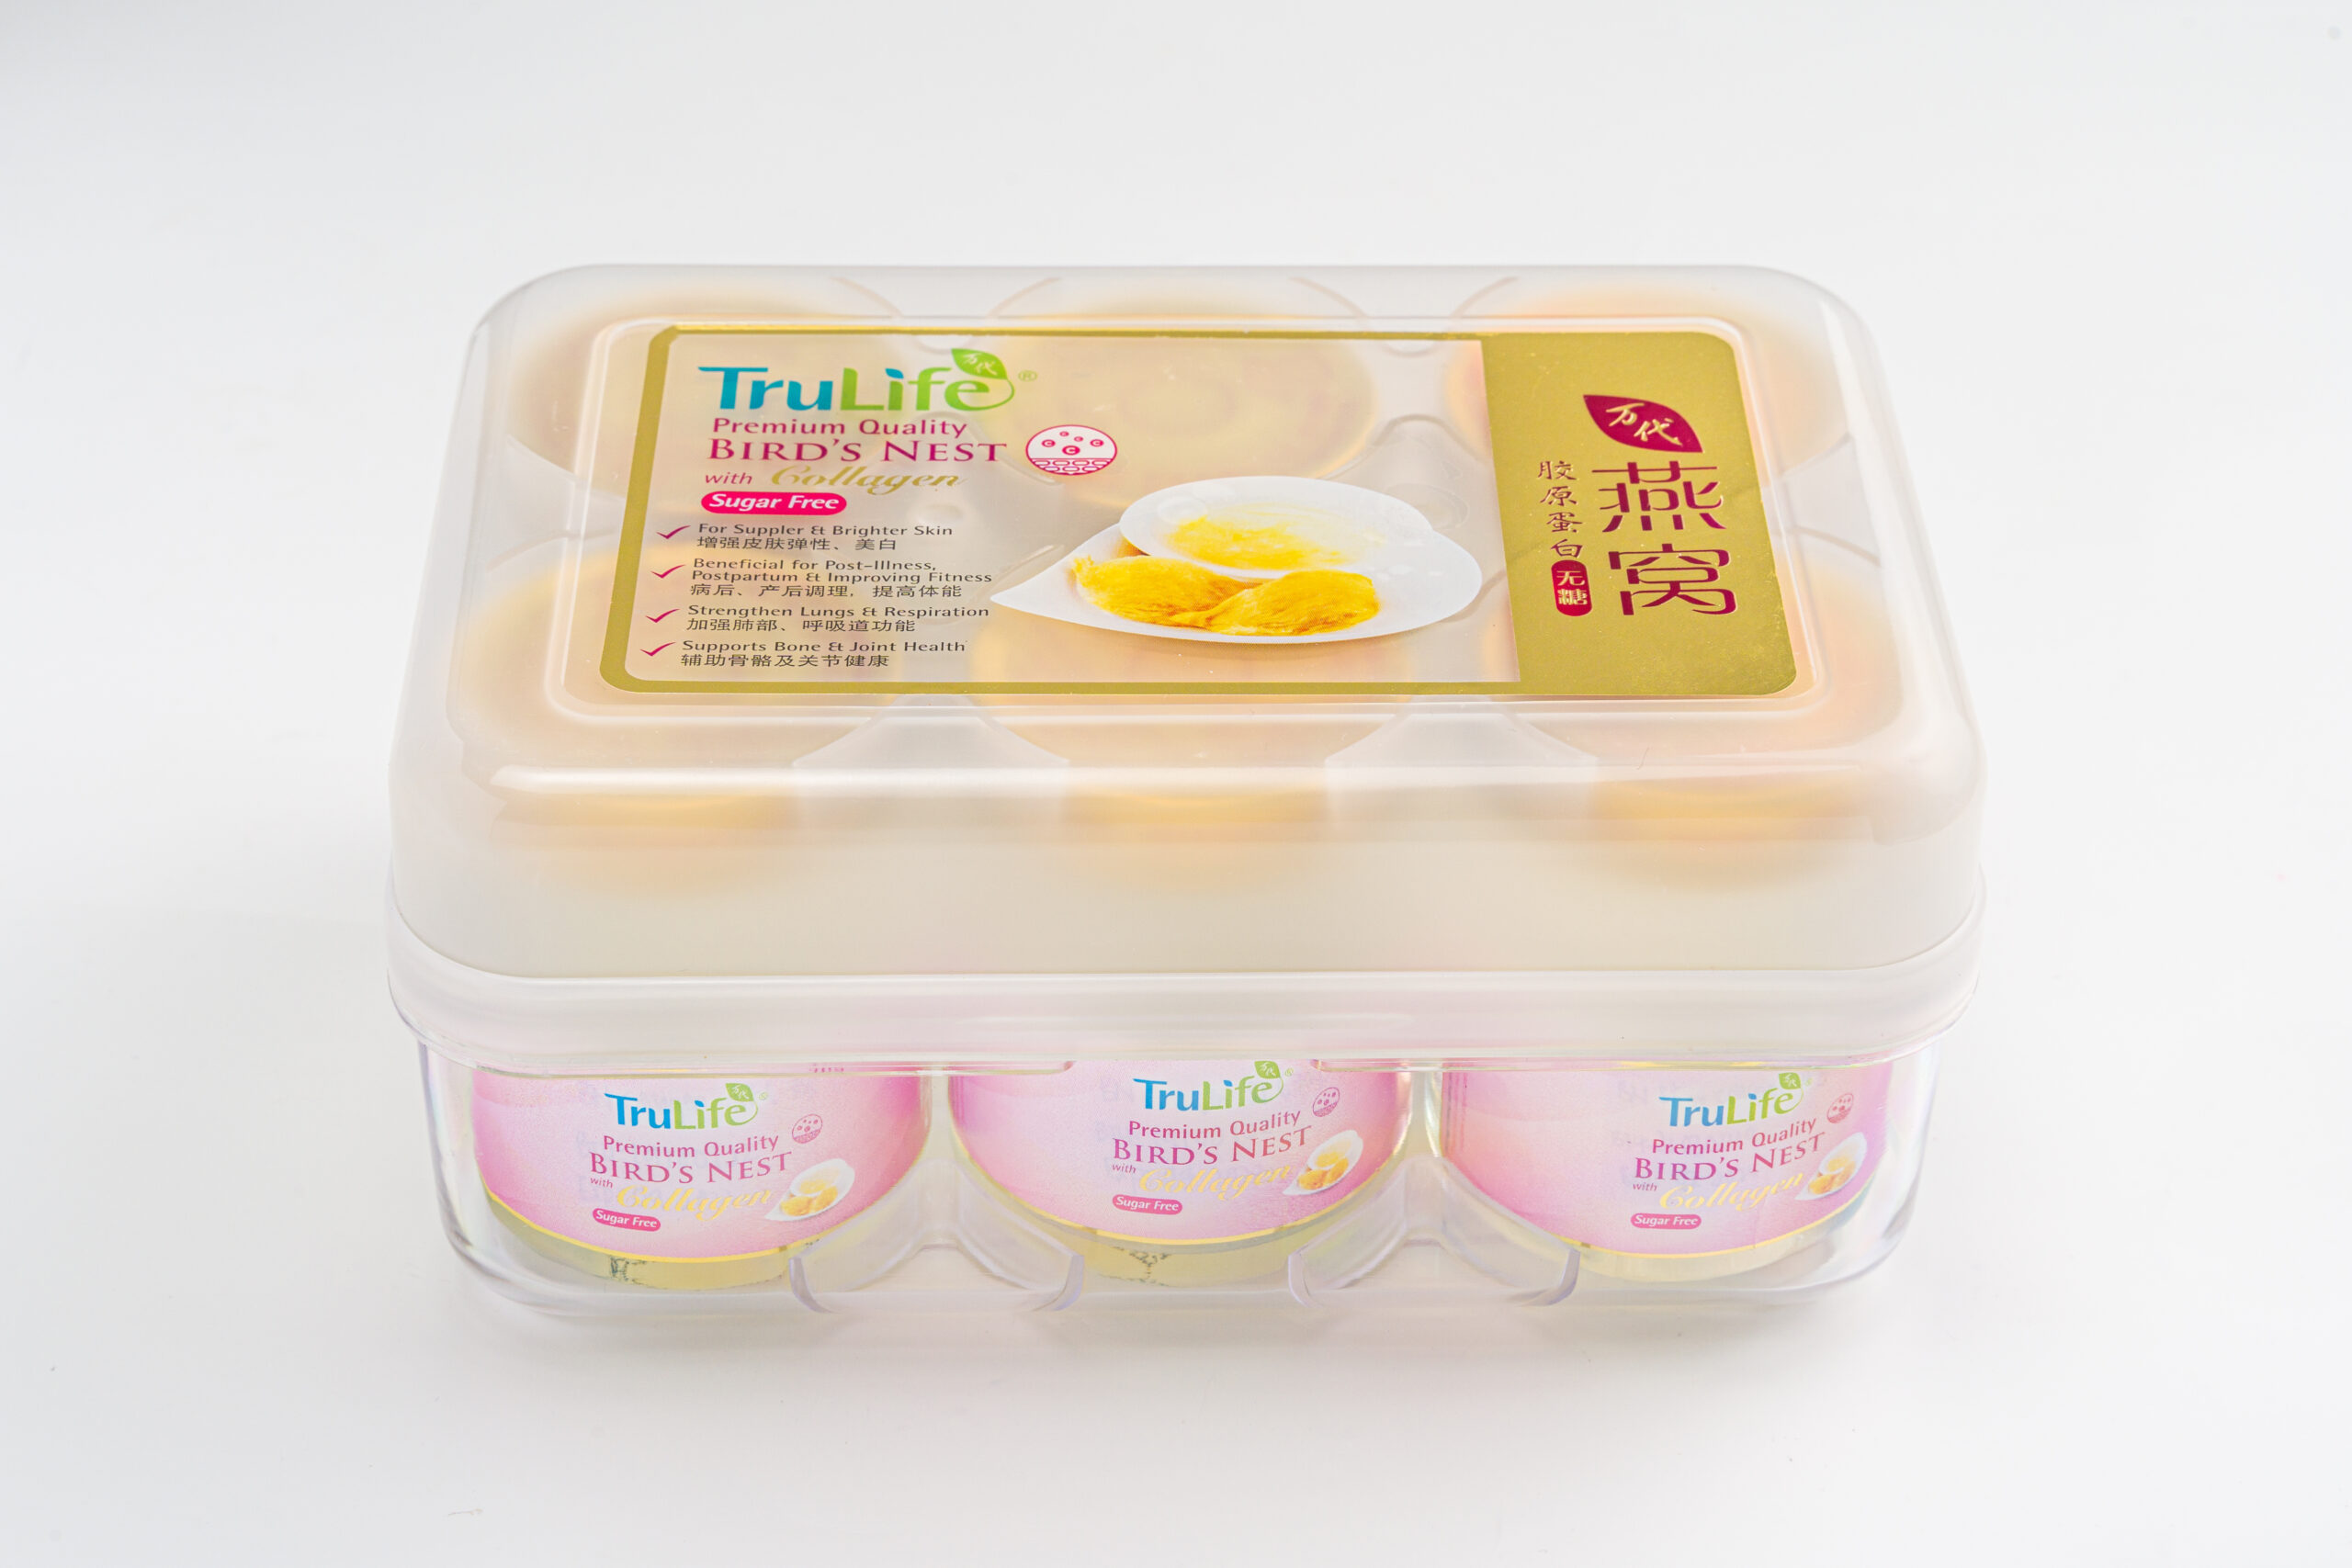 TruLife Premium Bird's Nest with Collagen (Sugar Free) - International